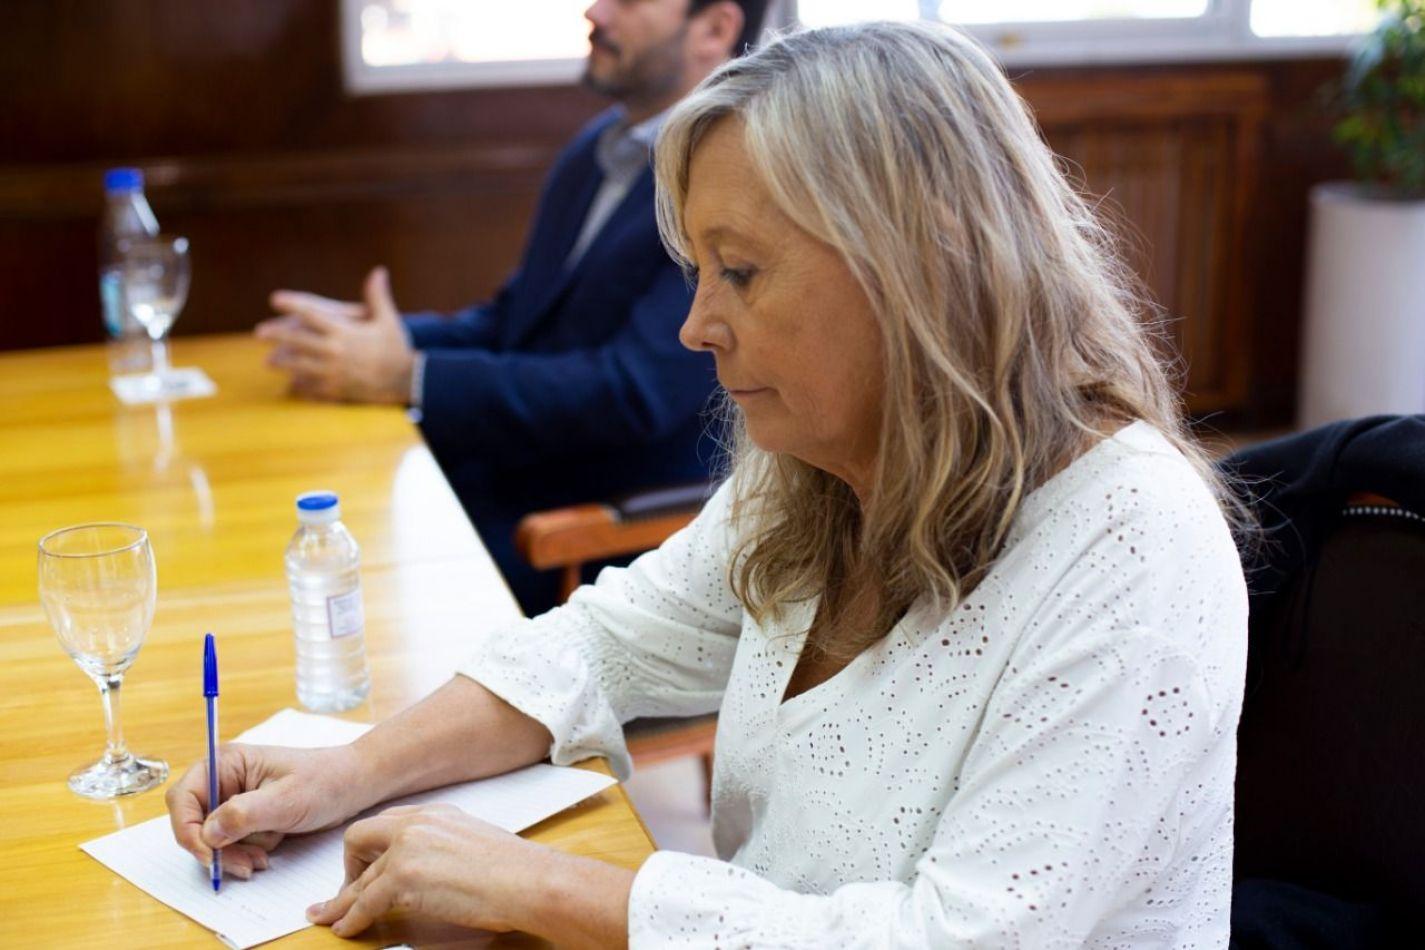 La ministra de Gobierno Justicia y Derechos Humanos, Adriana Chapperón .